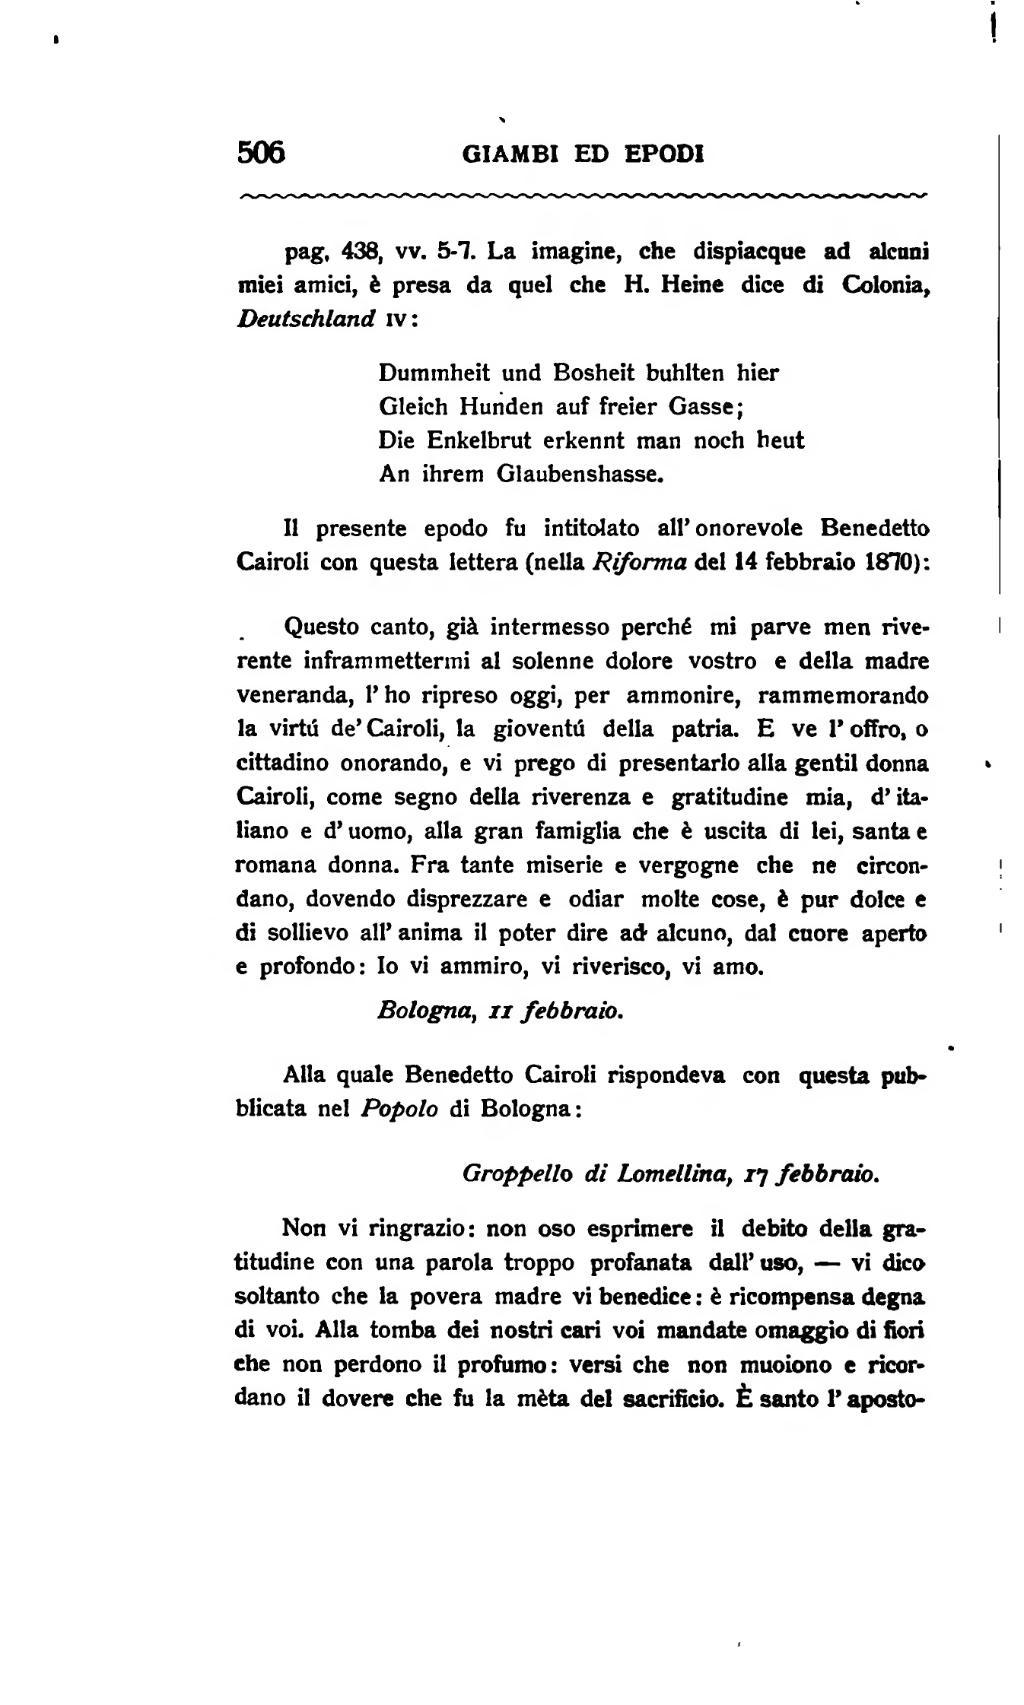 Paginapoesie Carduccidjvu532 Wikisource